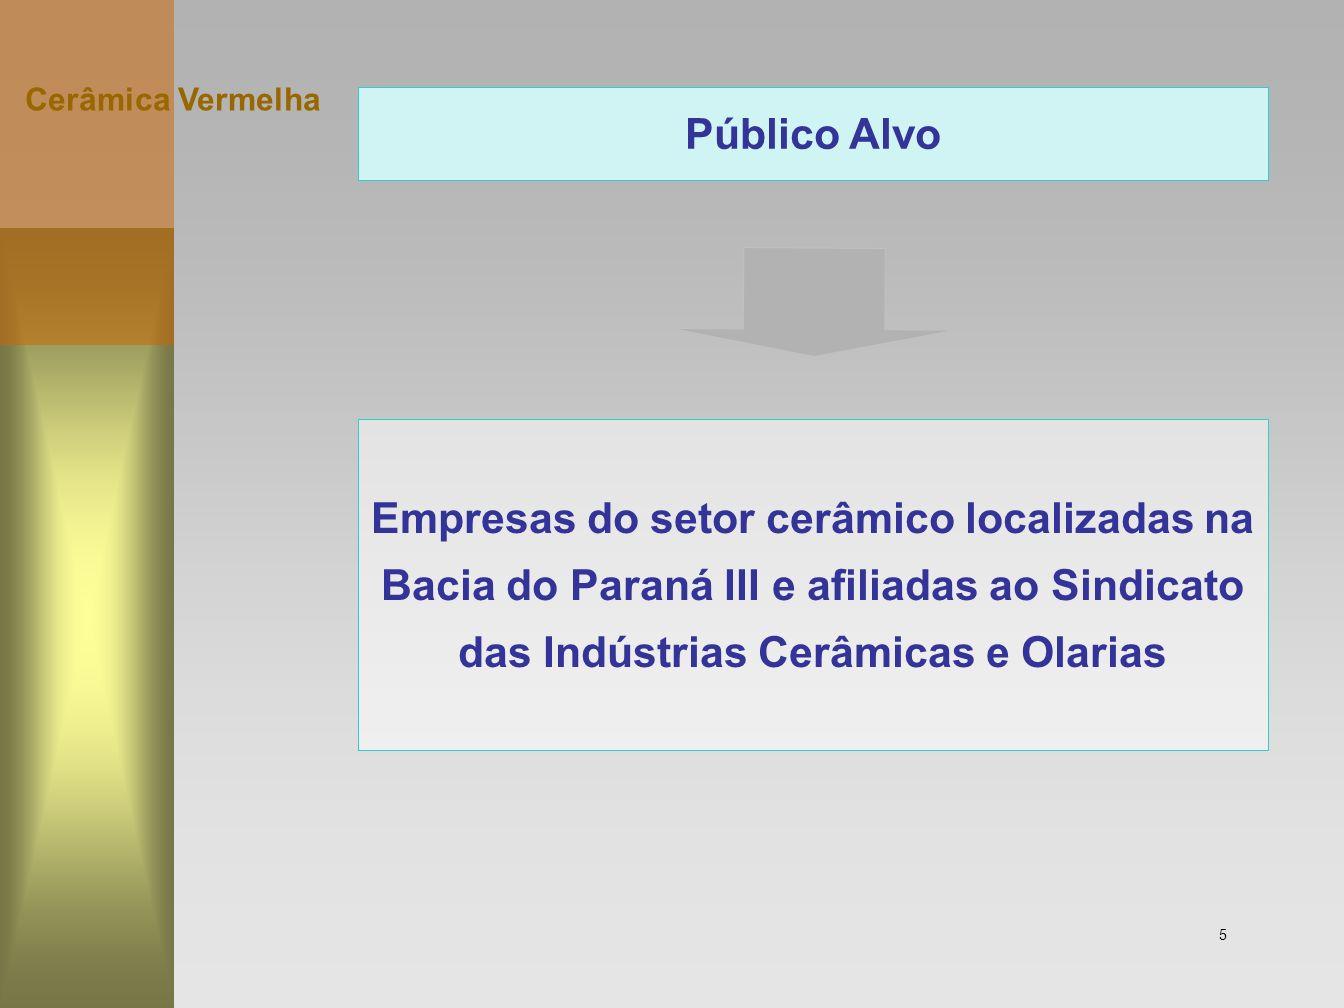 Empresas do setor cerâmico localizadas na